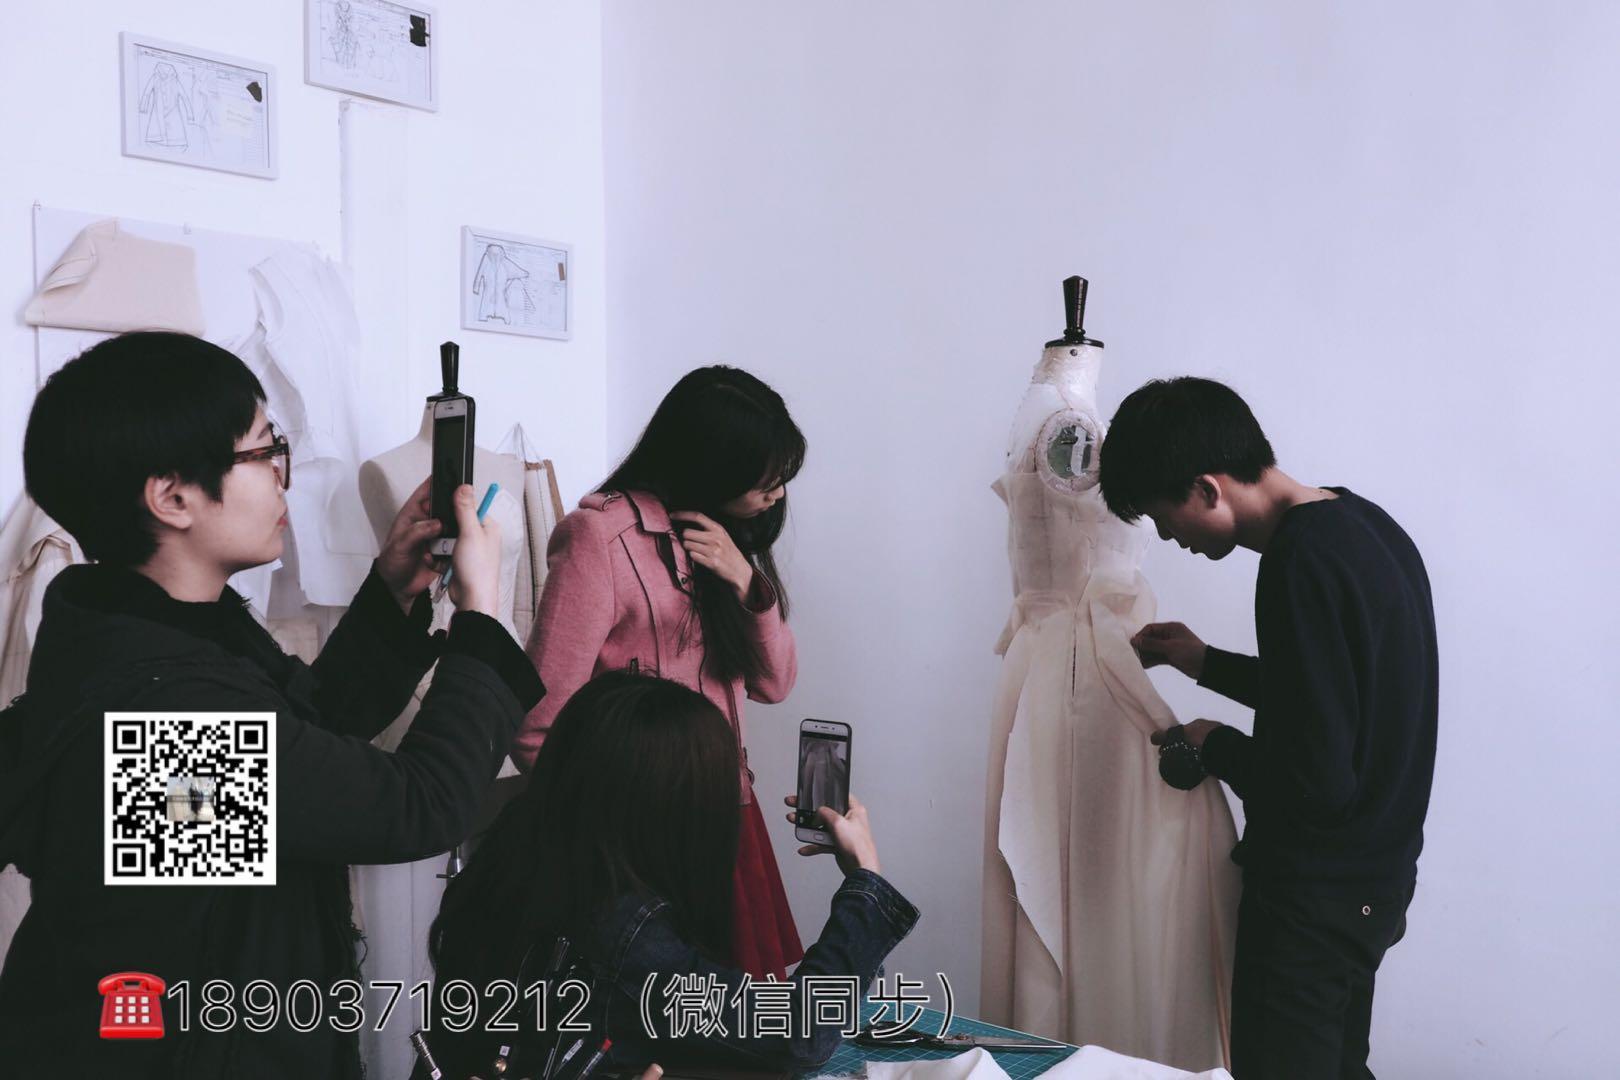 天津服装立裁培训